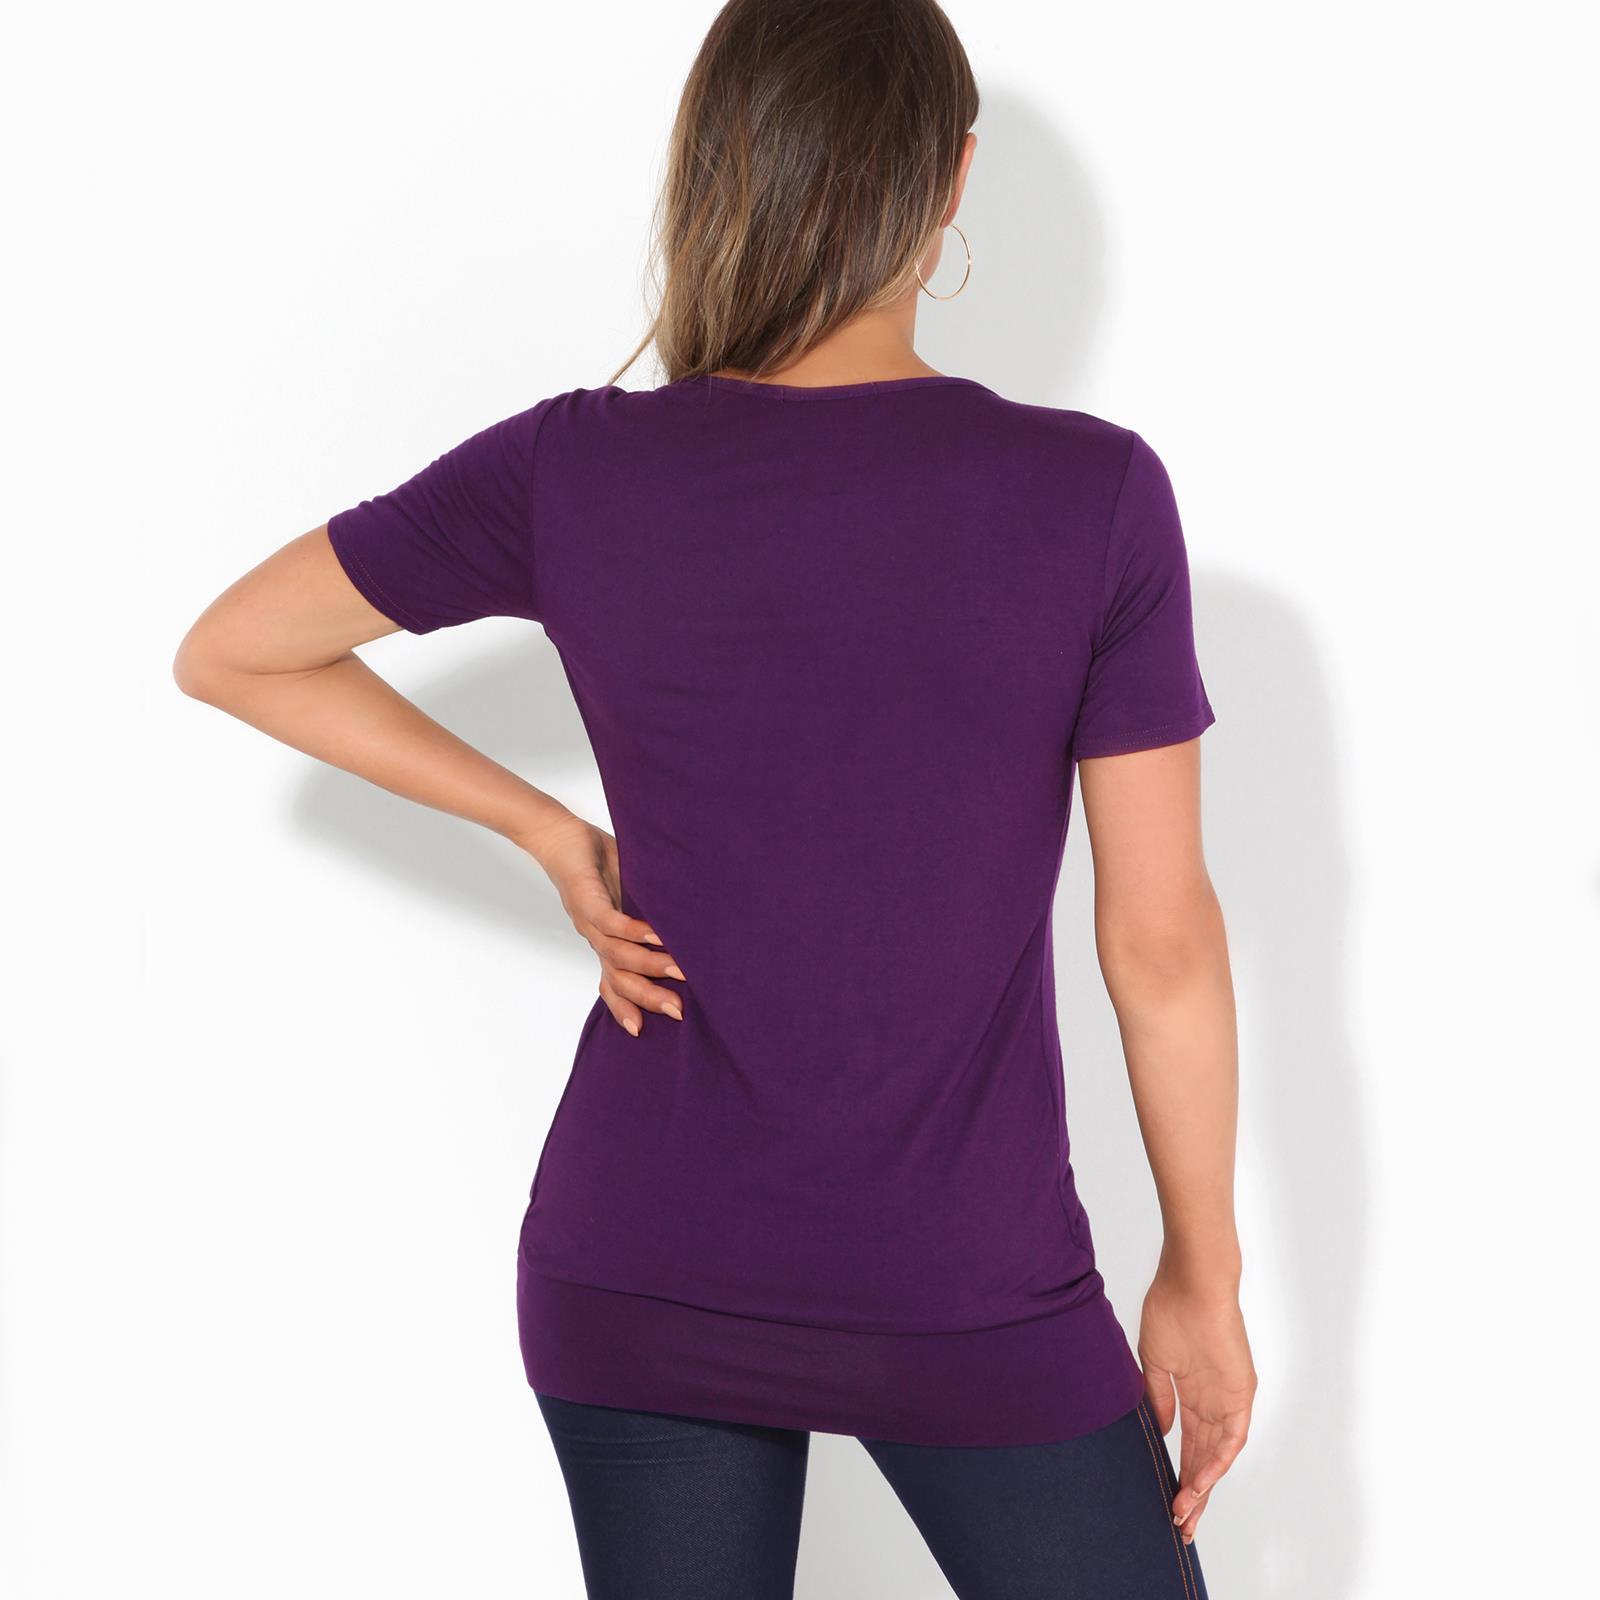 Femmes-Top-Haut-Chemisier-T-Shirt-Chemise-Blouse-Tunique-Long-Grandes-Tailles miniature 13